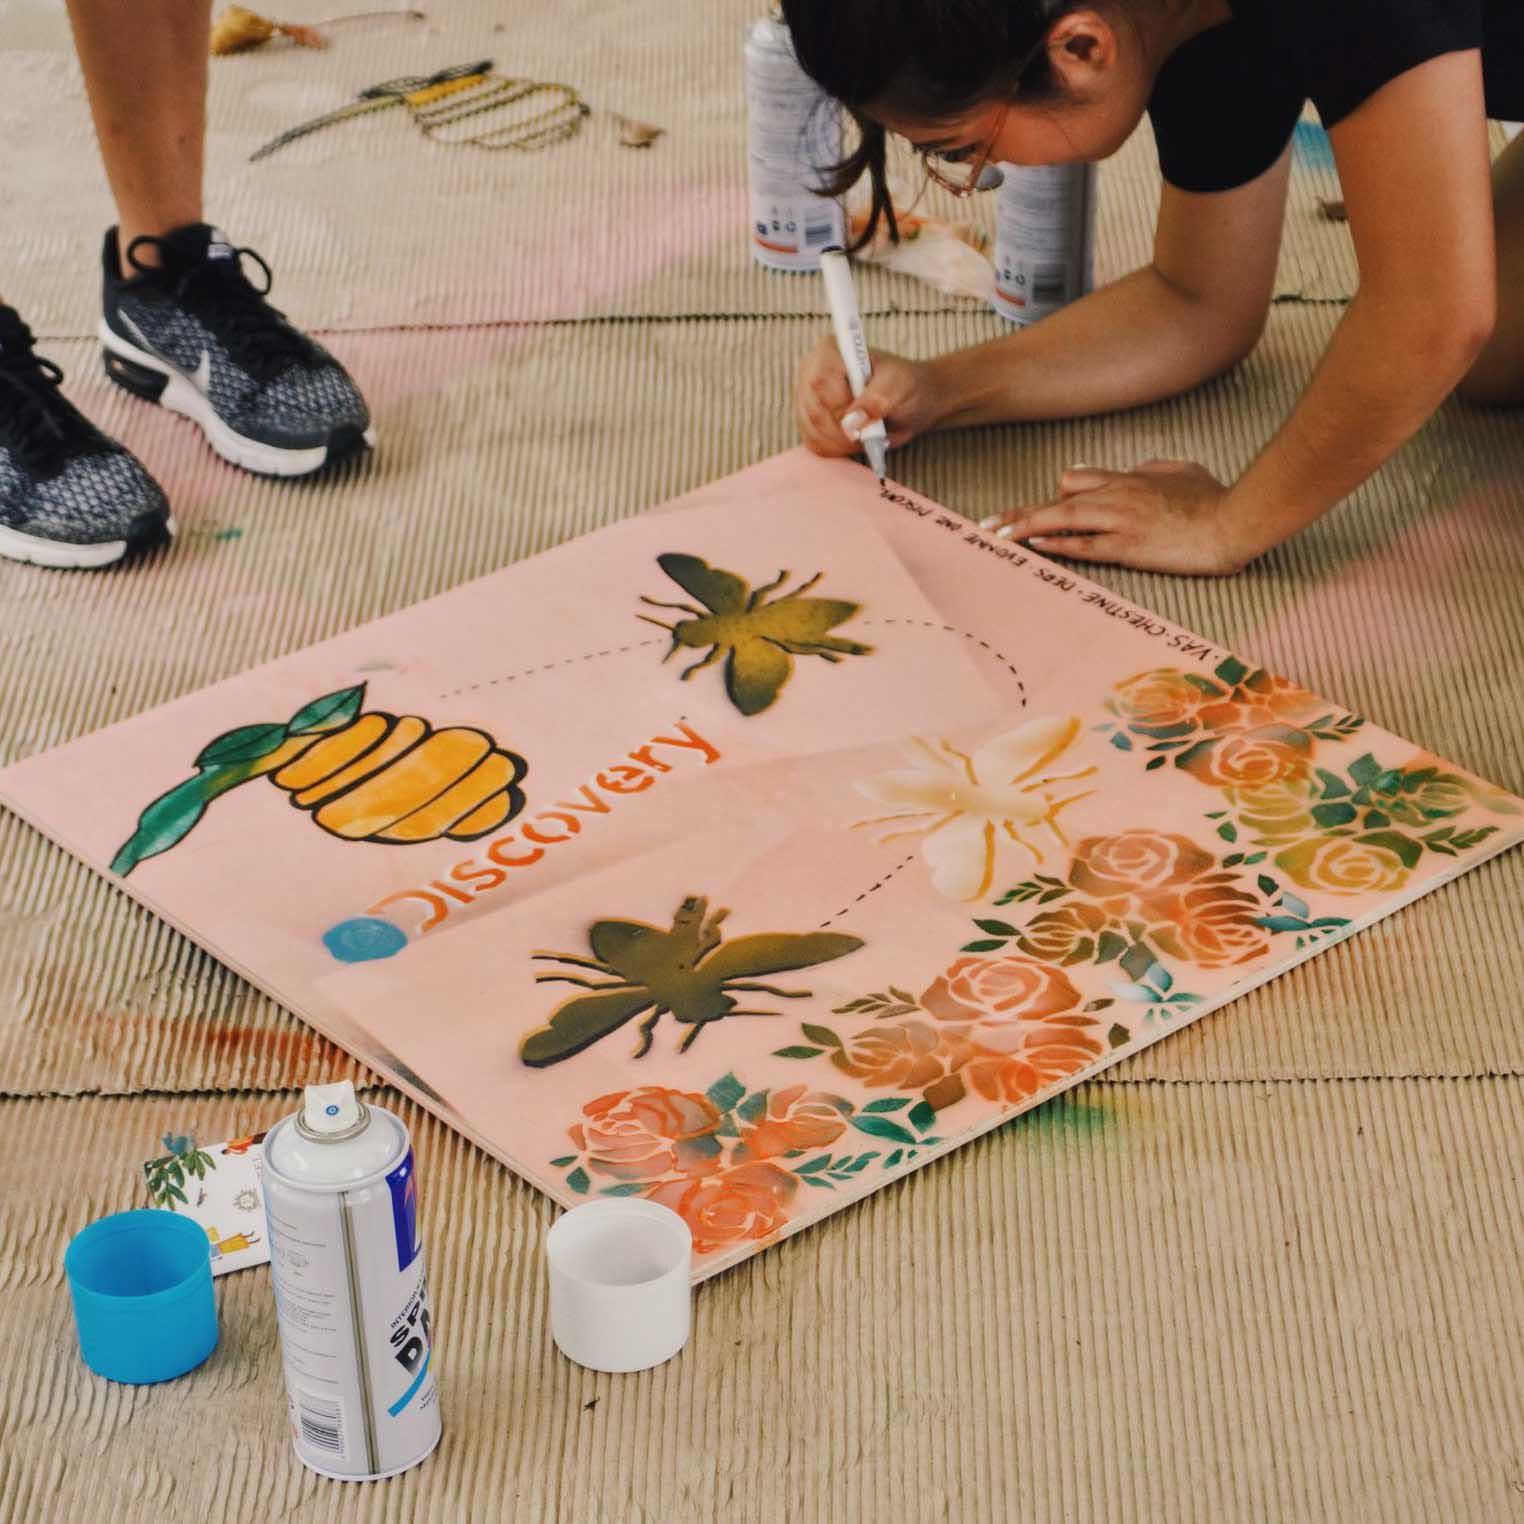 graffiti art singapore